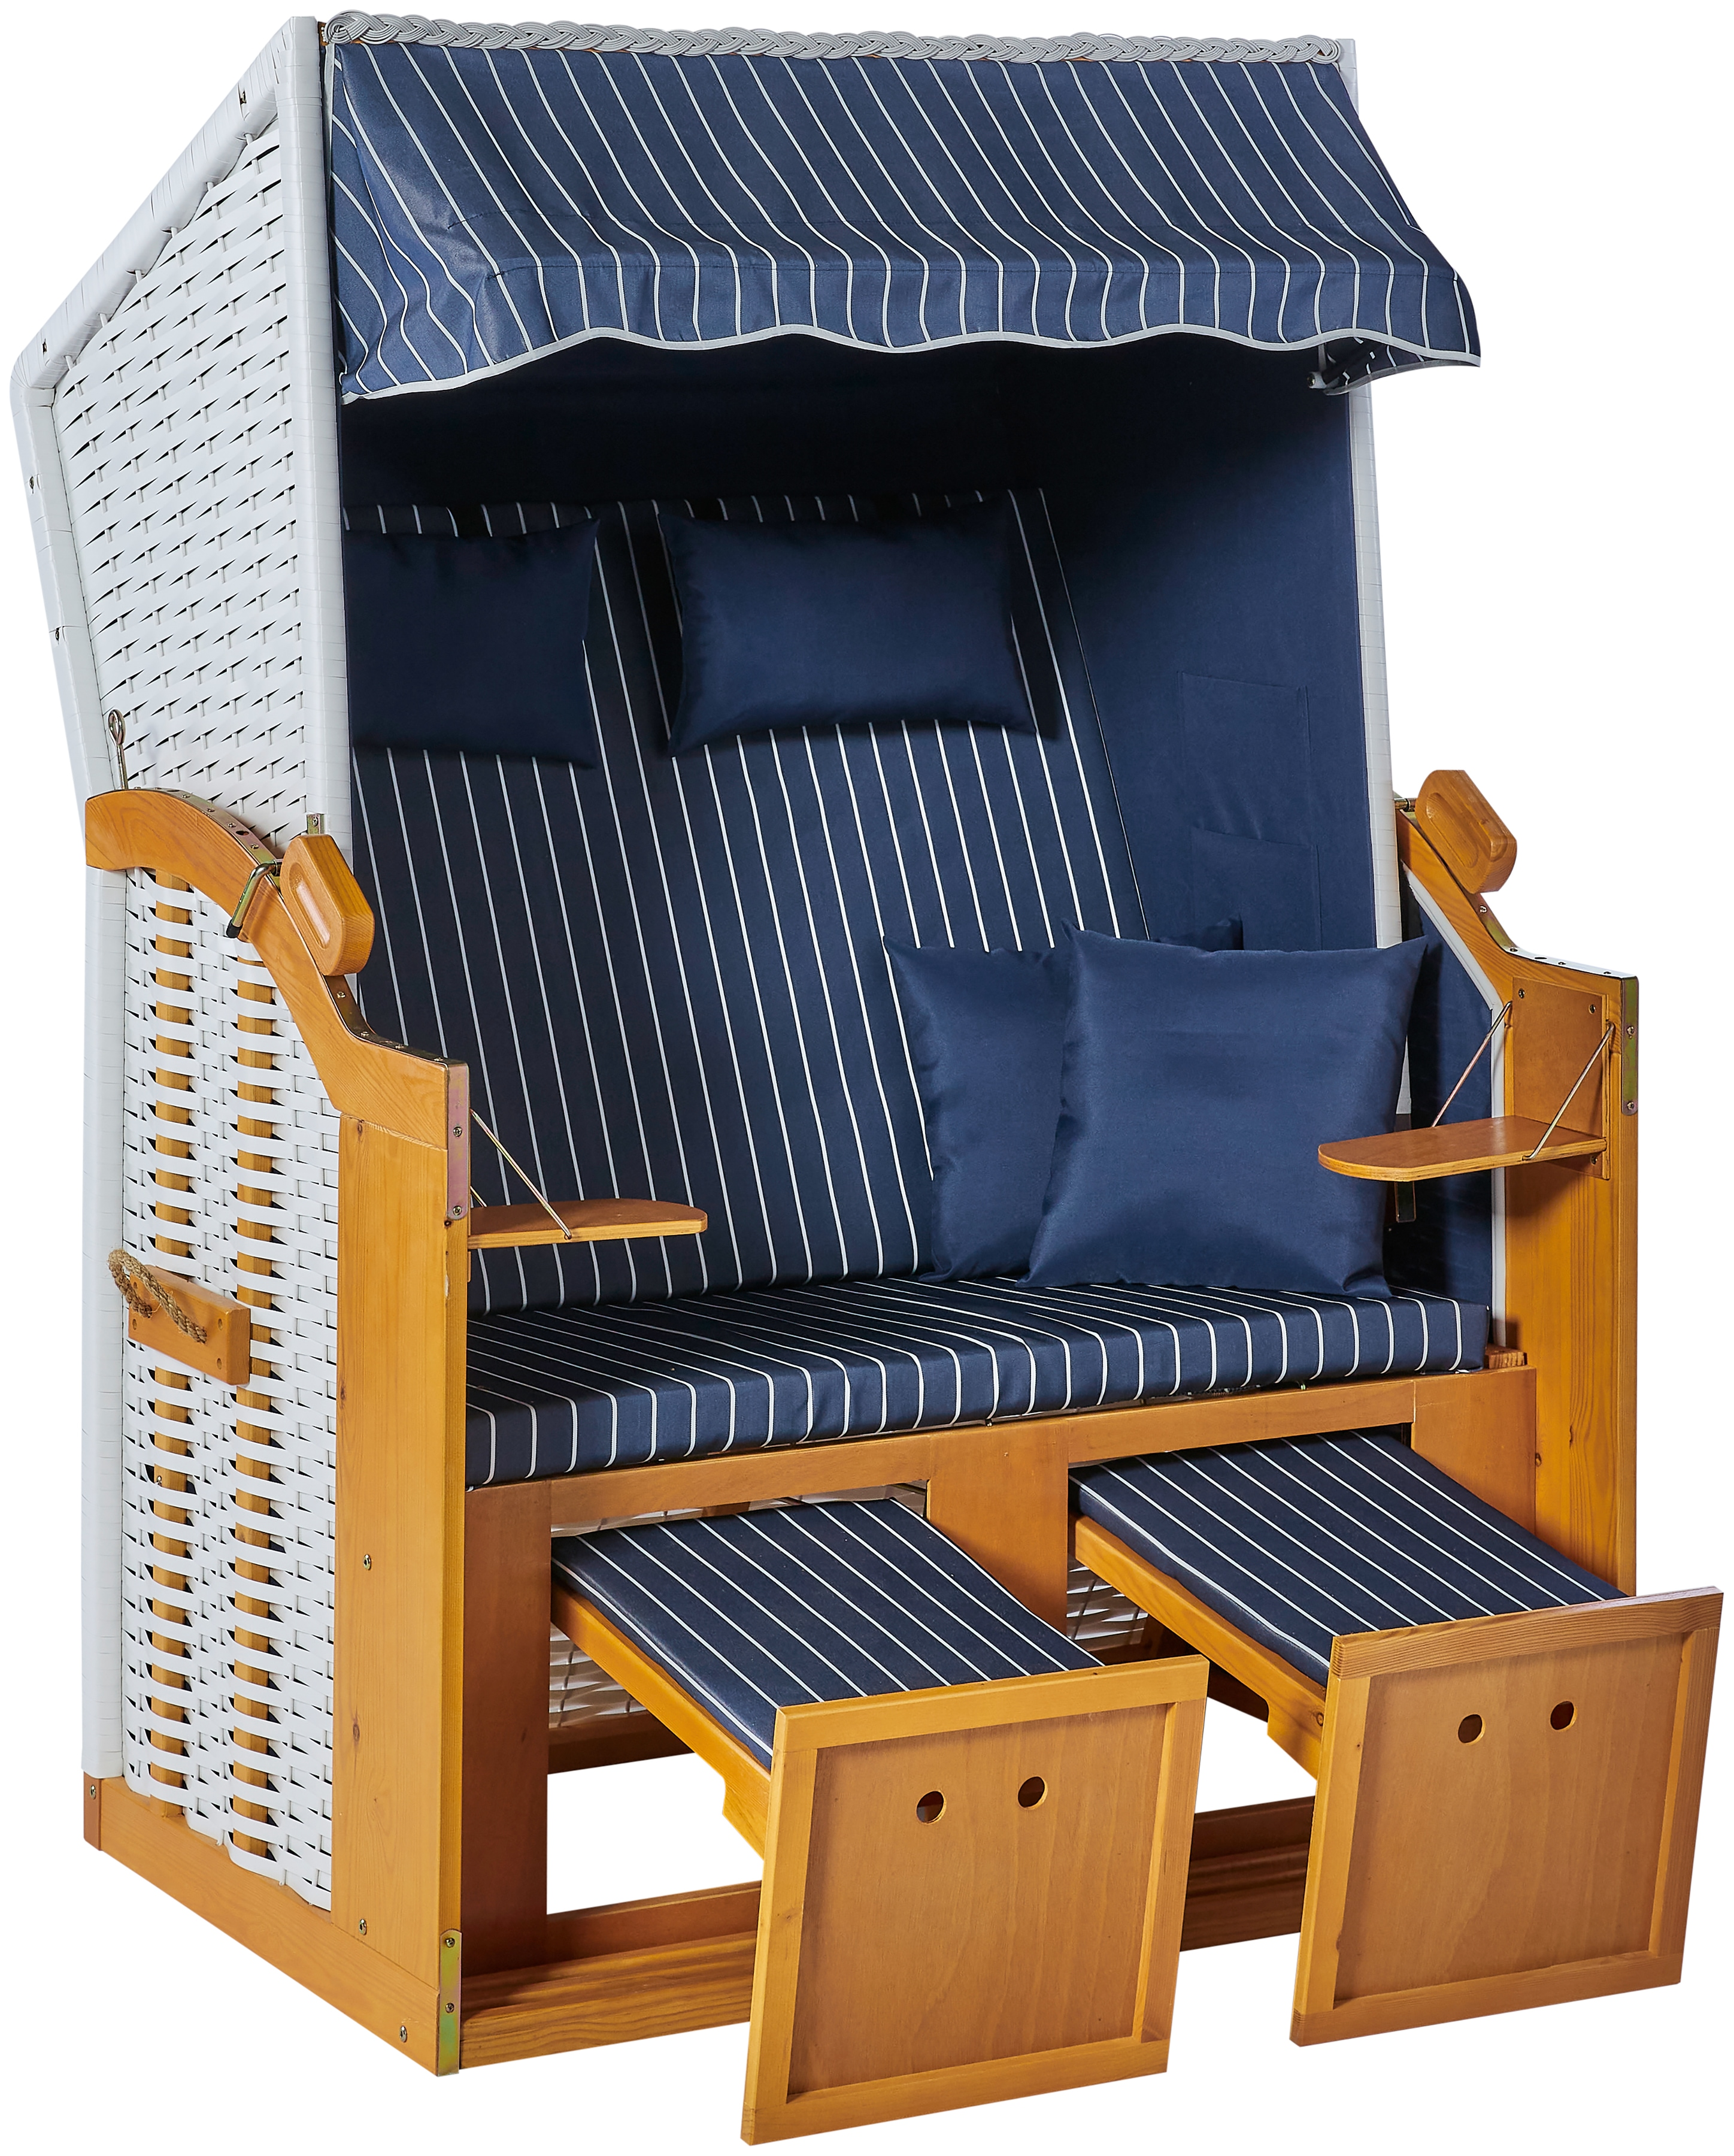 KONIFERA Strandkorb Amrum, BxTxH: 115x150x72 cm, 2-Sitzer blau Strandkörbe Gartenmöbel Gartendeko